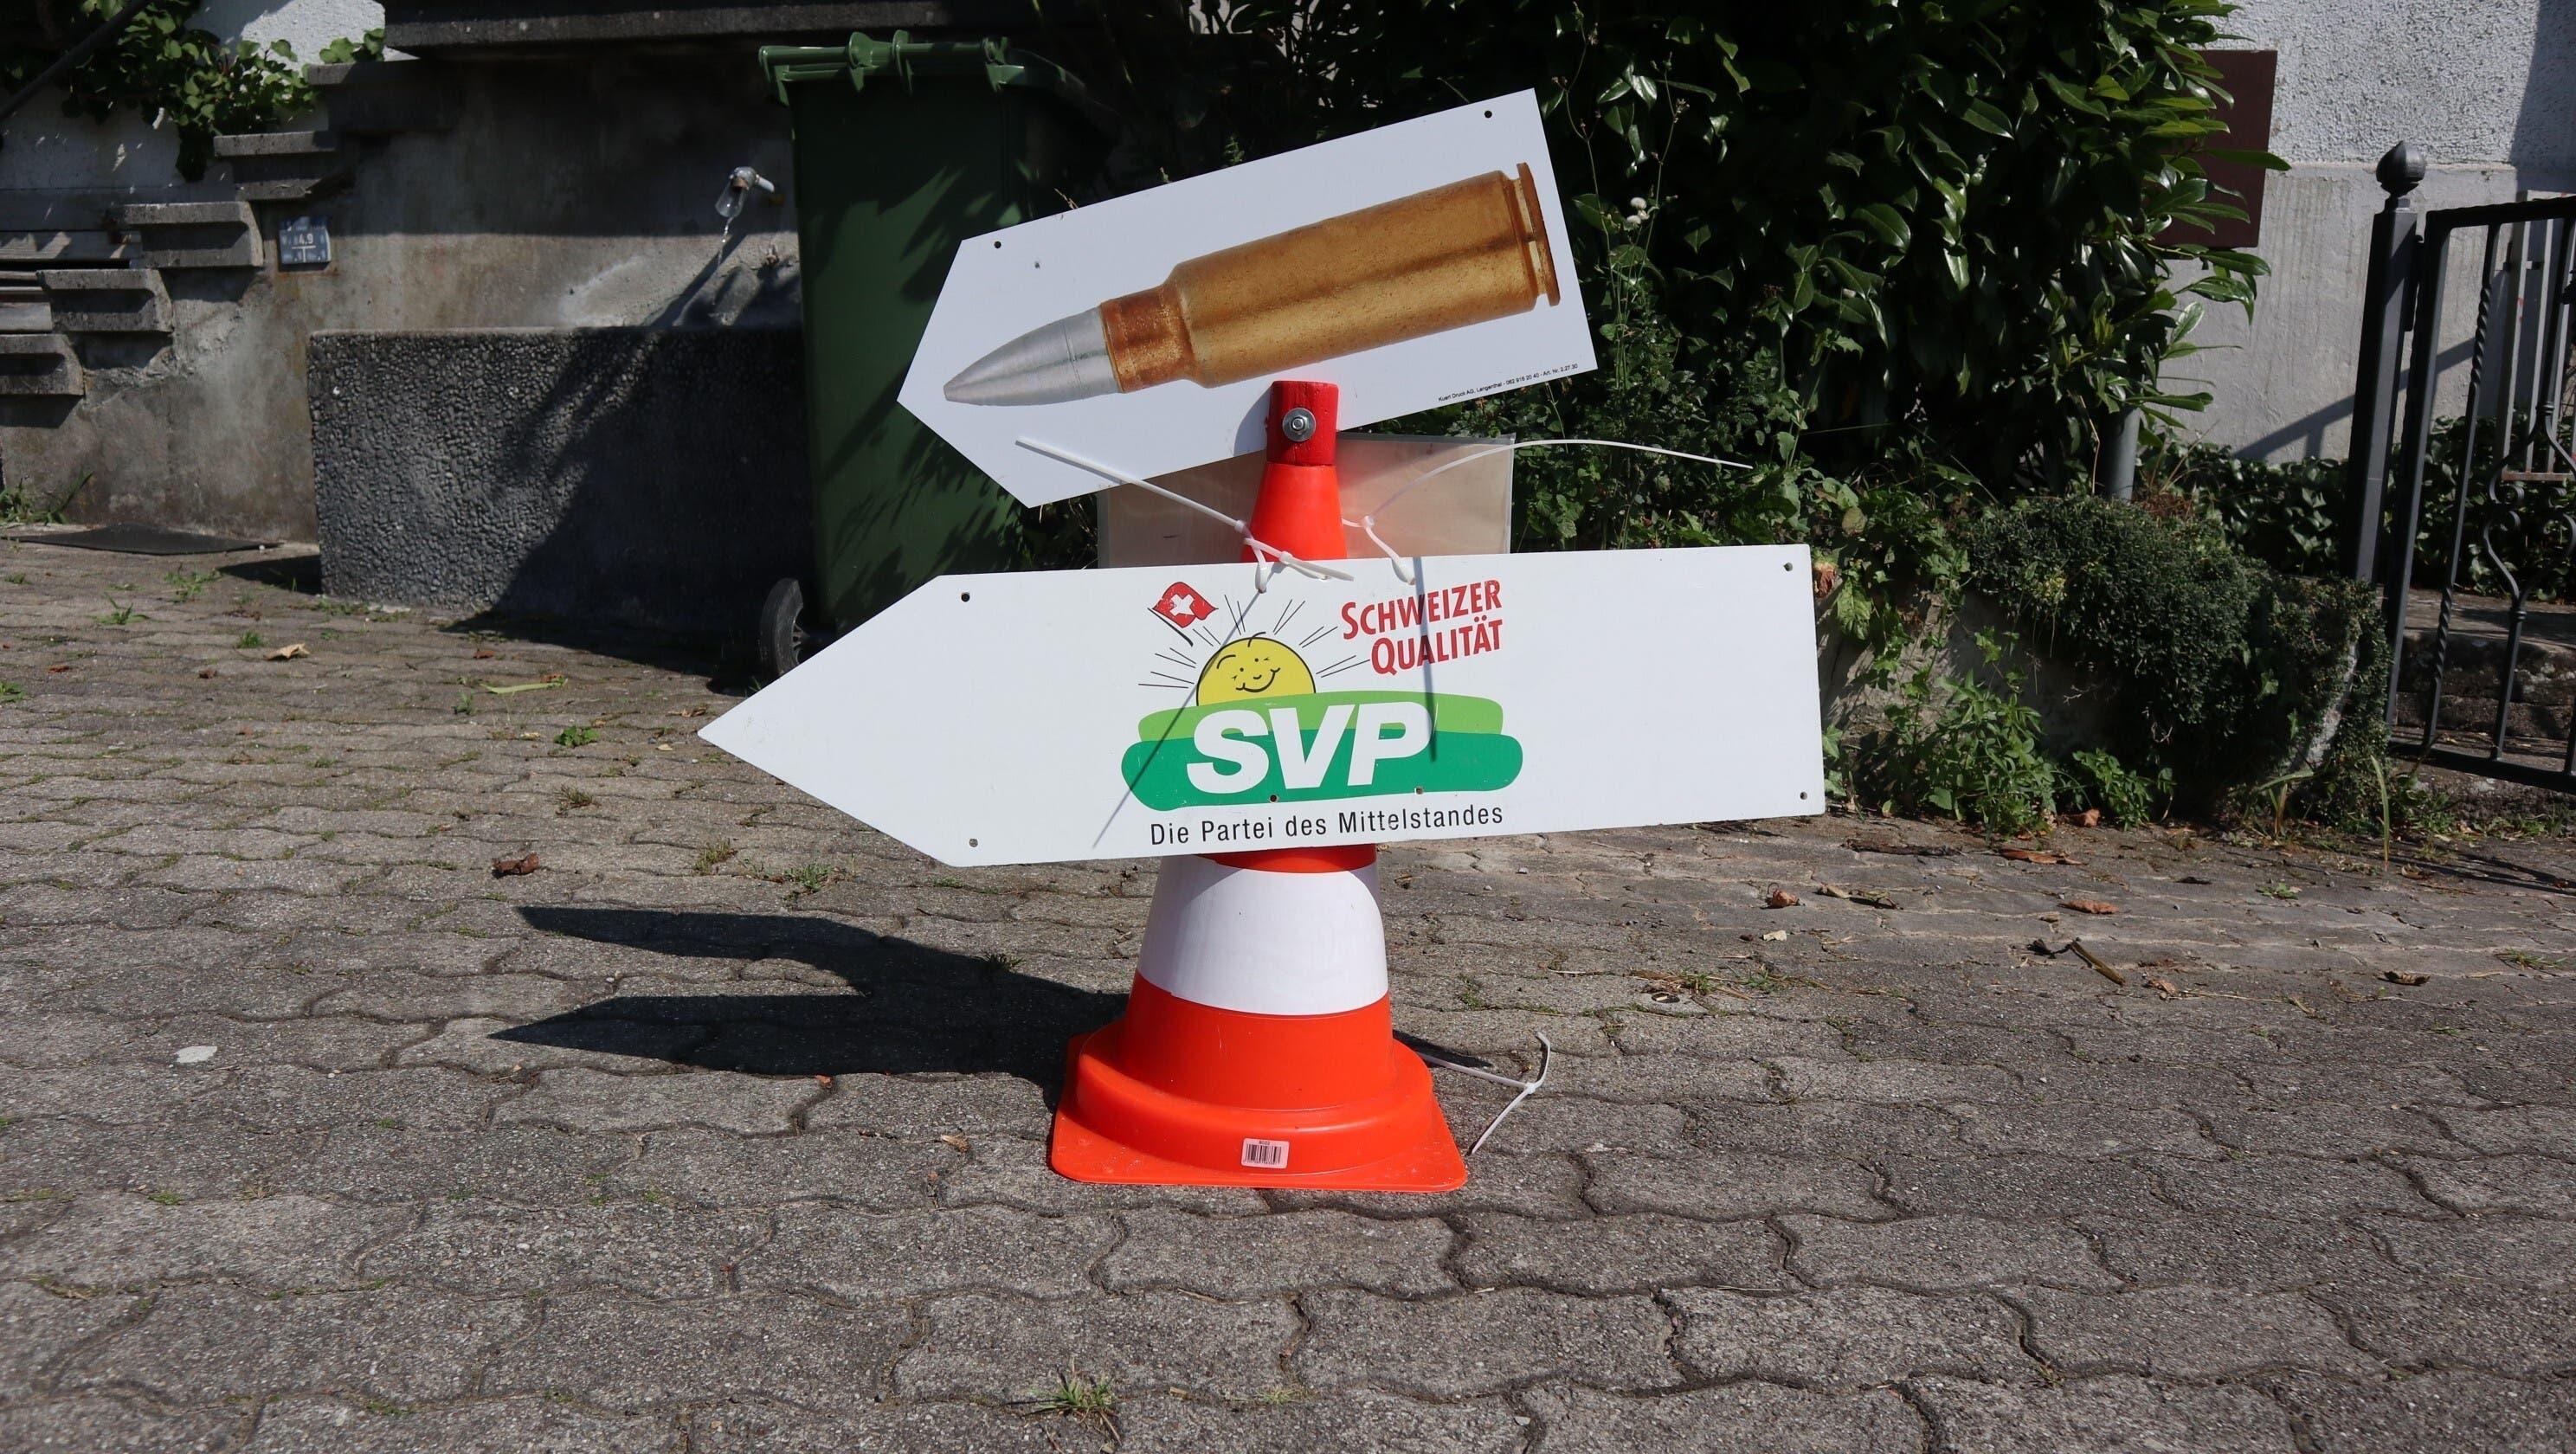 Wer zum diesjährigen kantonalen SVP-Schiessen wollte, musste nur den Wegweisern folgen.